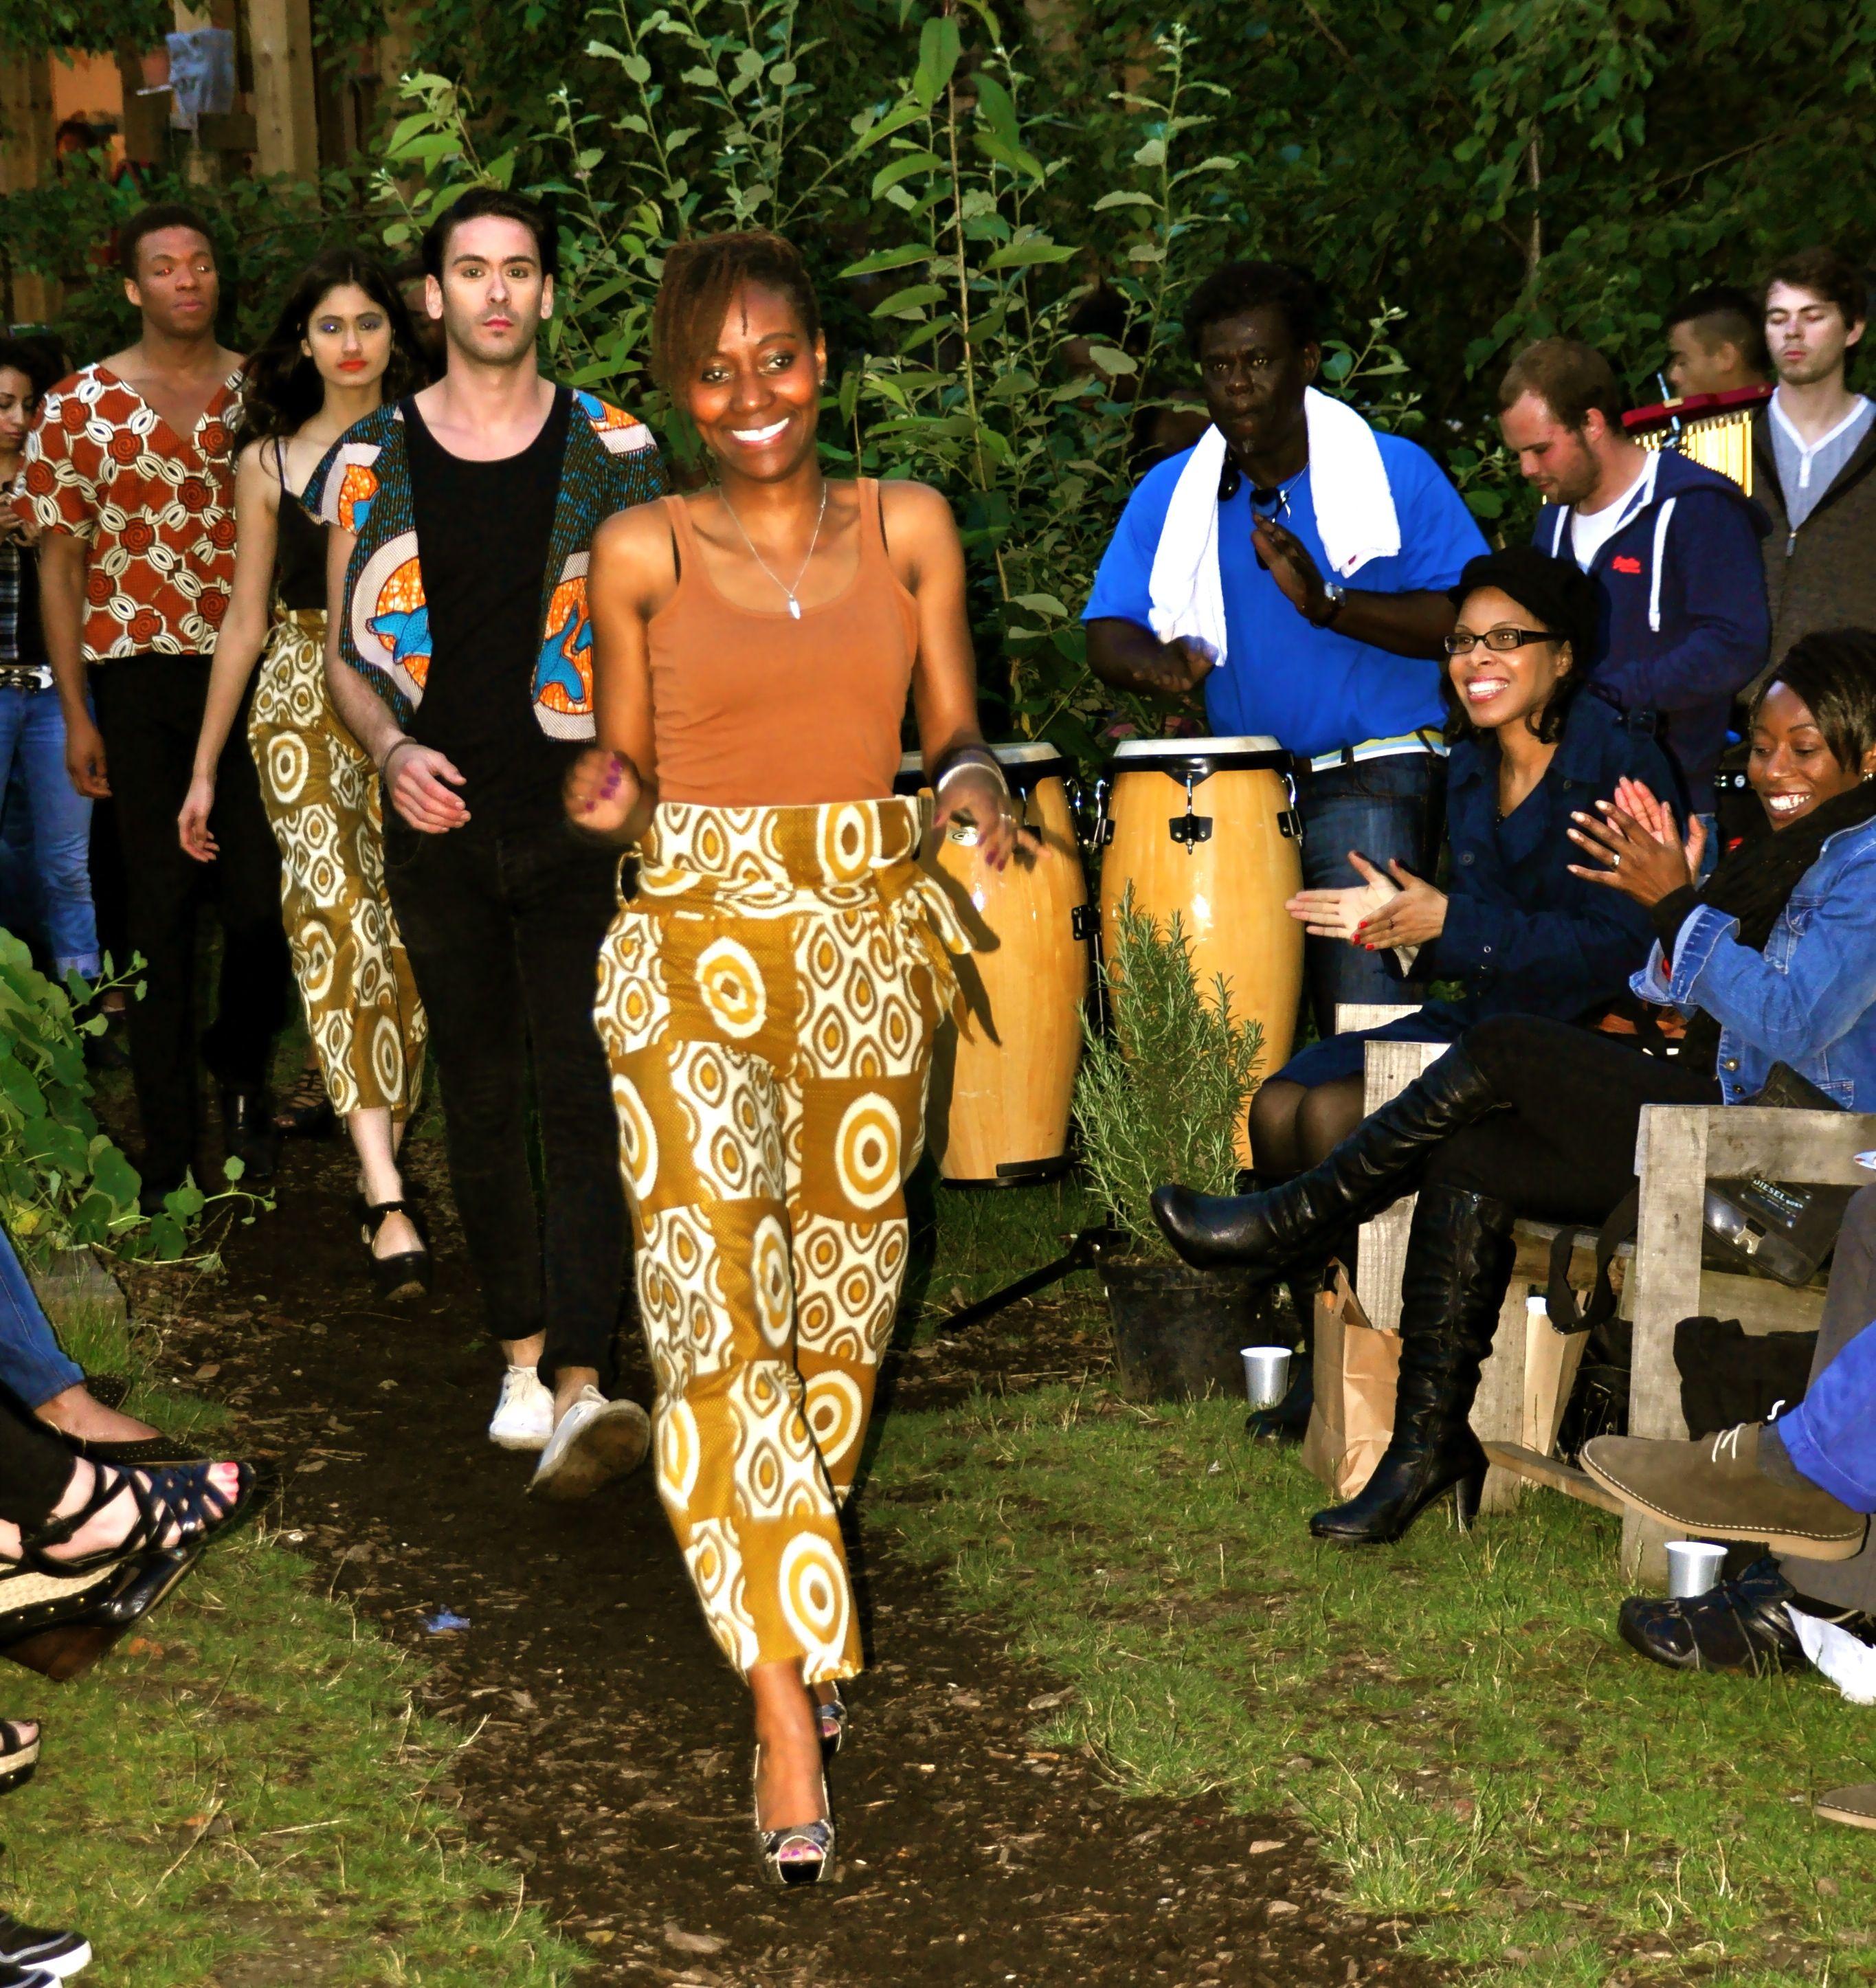 @mutsamutsaa #FashionGardenParty #DalstonEasternCurveGarden #July2012  #FashionShow  #MutsaMutsaaFashion    @mutsamutsaaevnt #MutsaMankola